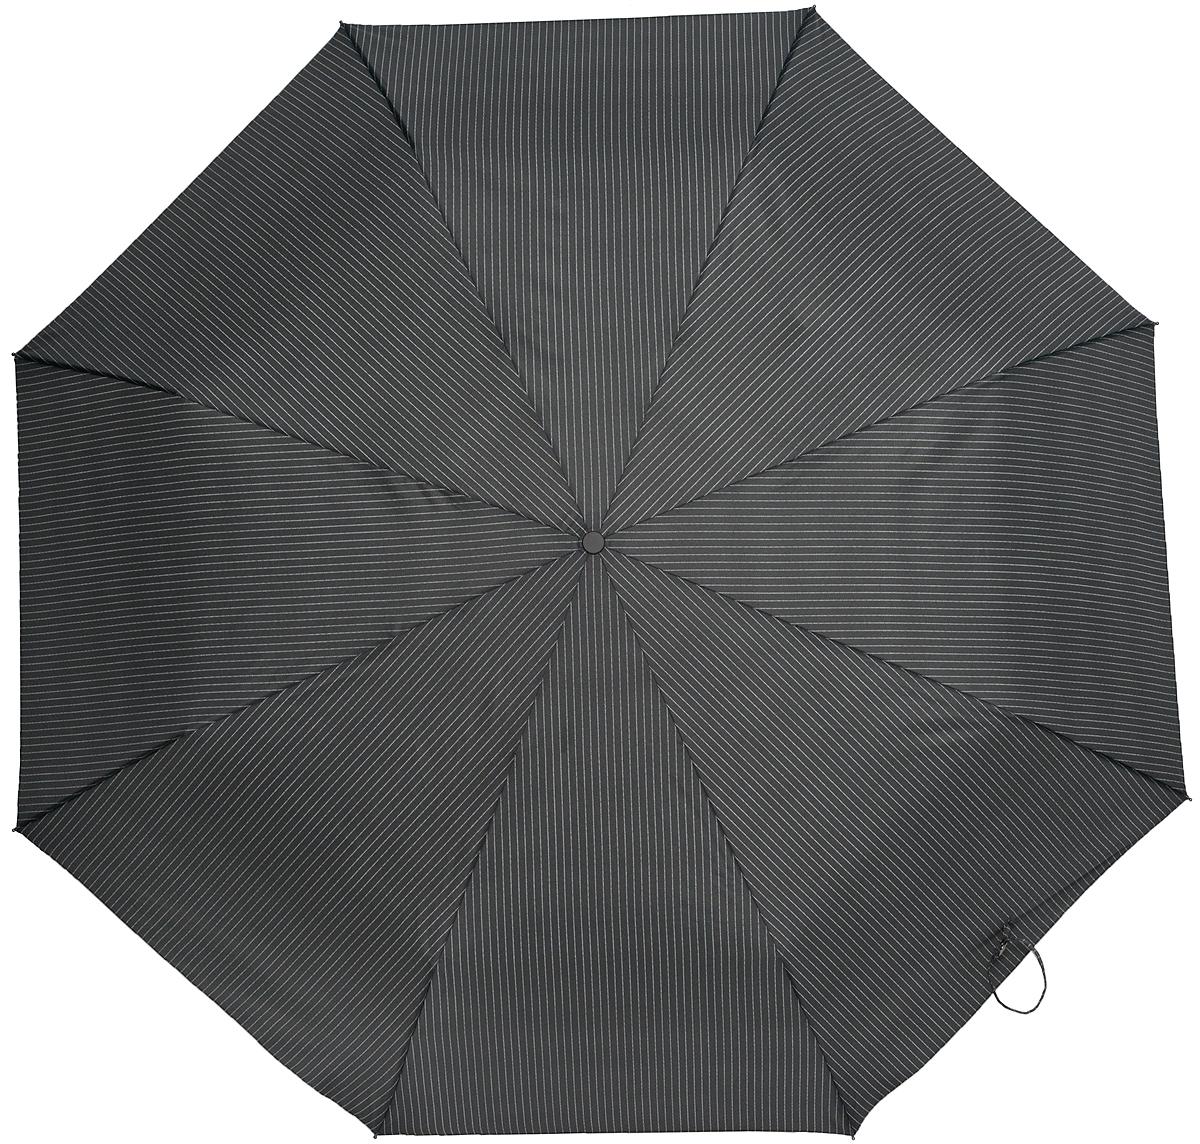 Зонт мужской Eleganzza, автомат, 3 сложения, цвет: черный. A3-05-FF687XLA3-05-FF687XLСтильный классический мужской зонт Eleganzza будет отлично смотреться с любым стилем одежды. Зонт состоит из восьми спиц и стержня, изготовленных из стали и фибергласса. Купол выполнен из качественного полиэстера и эпонжа, который не пропускает воду. Зонт дополнен удобной ручкой из пластика. Зонт имеет автоматический механизм сложения: купол открывается и закрывается нажатием кнопки на ручке, стержень складывается вручную до характерного щелчка, благодаря чему открыть и закрыть зонт можно одной рукой. Ручка дополнена петлей, благодаря которой зонт можно носить на запястье . К зонту прилагается чехол. Такой стильный и практичный аксессуар не только надежно защитит вас от дождя, но и подойдет под любой ваш образ.